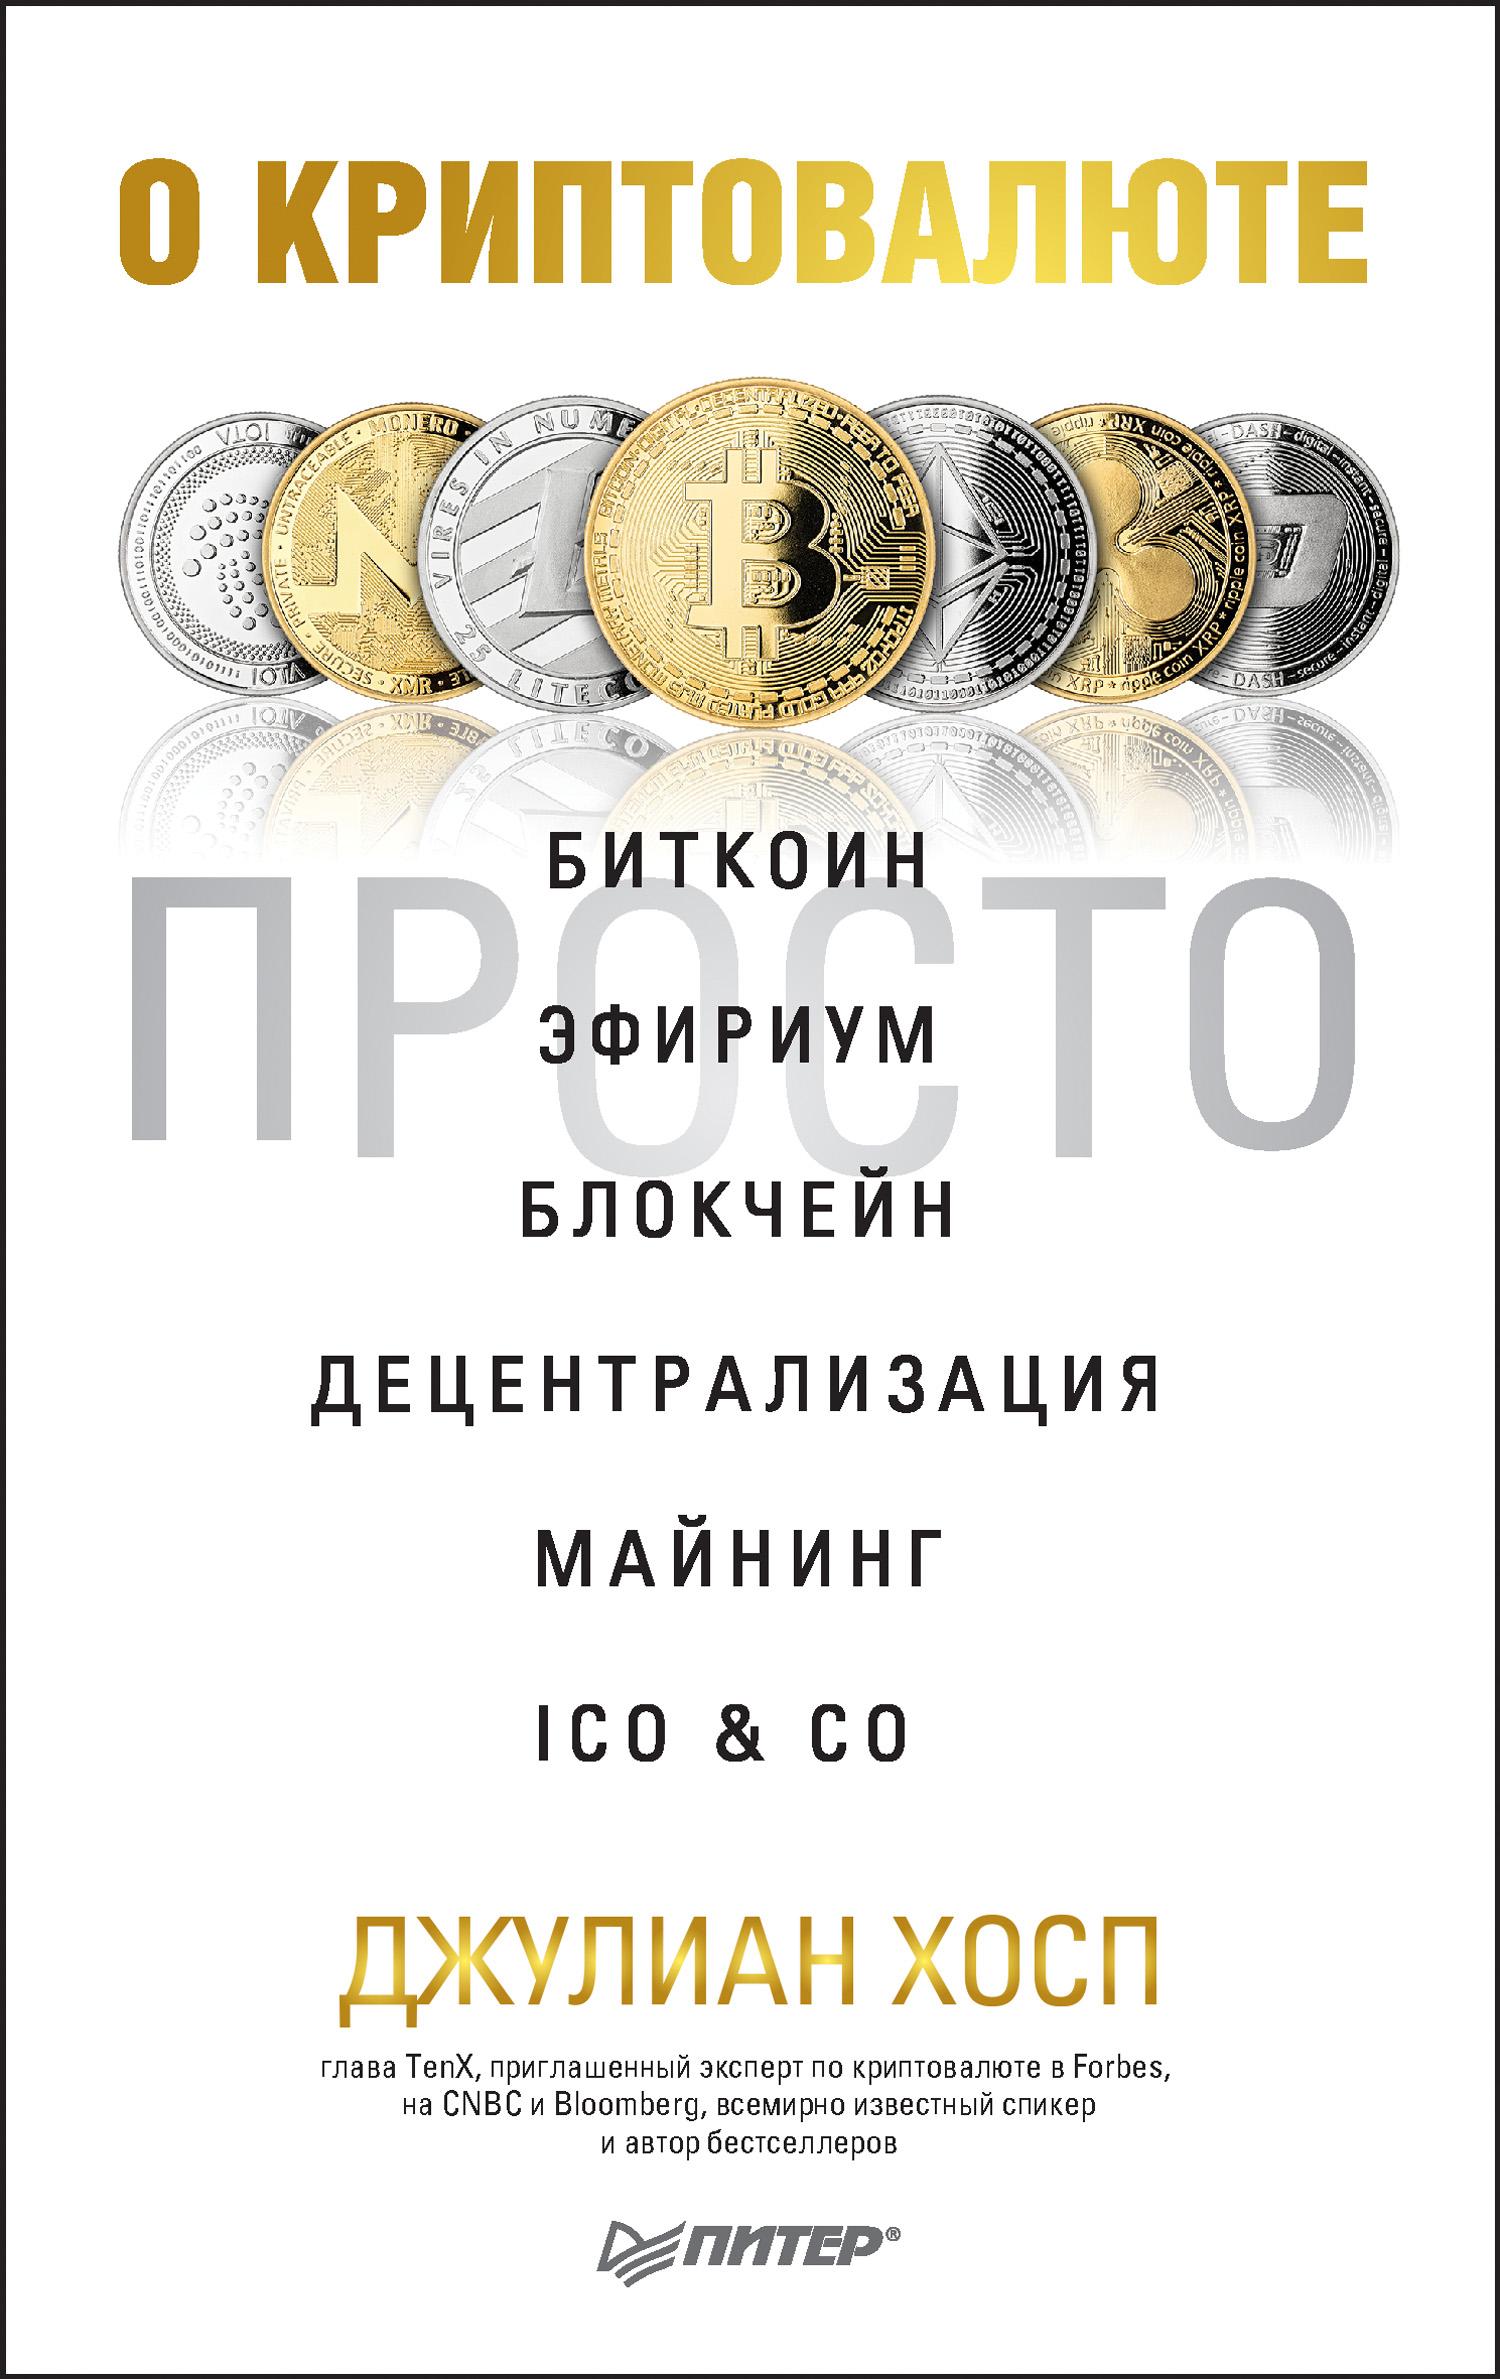 фото обложки издания О криптовалюте просто. Биткоин, эфириум, блокчейн, децентрализация, майнинг, ICO & Co